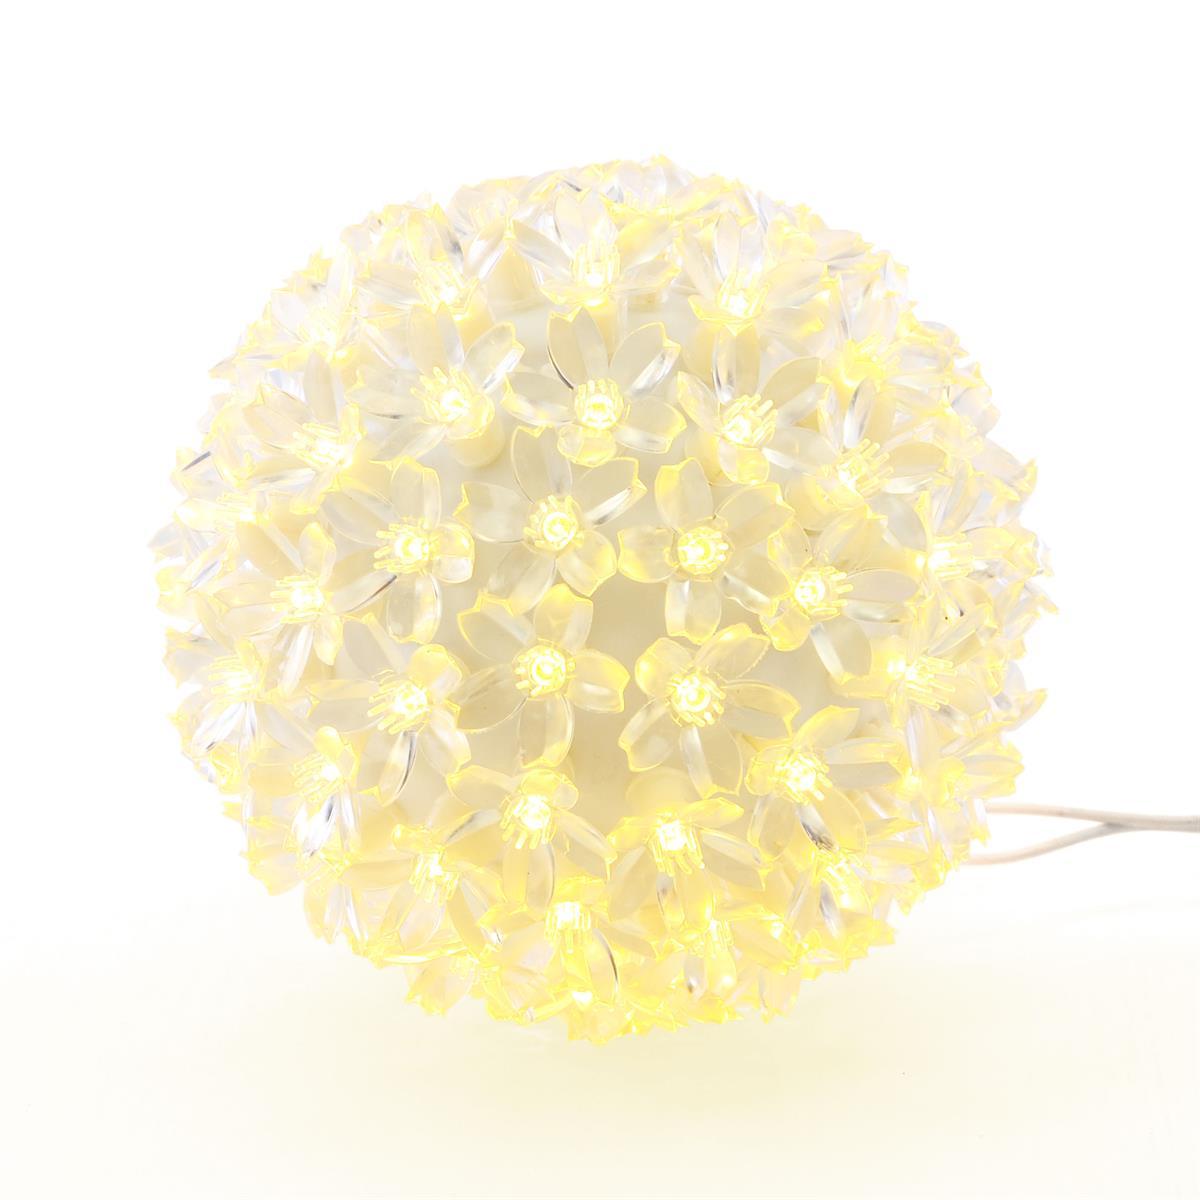 50 LED Lichterball warm weiß 12 cm Lichterkugel Leuchtball Weihnachten Dekokugel